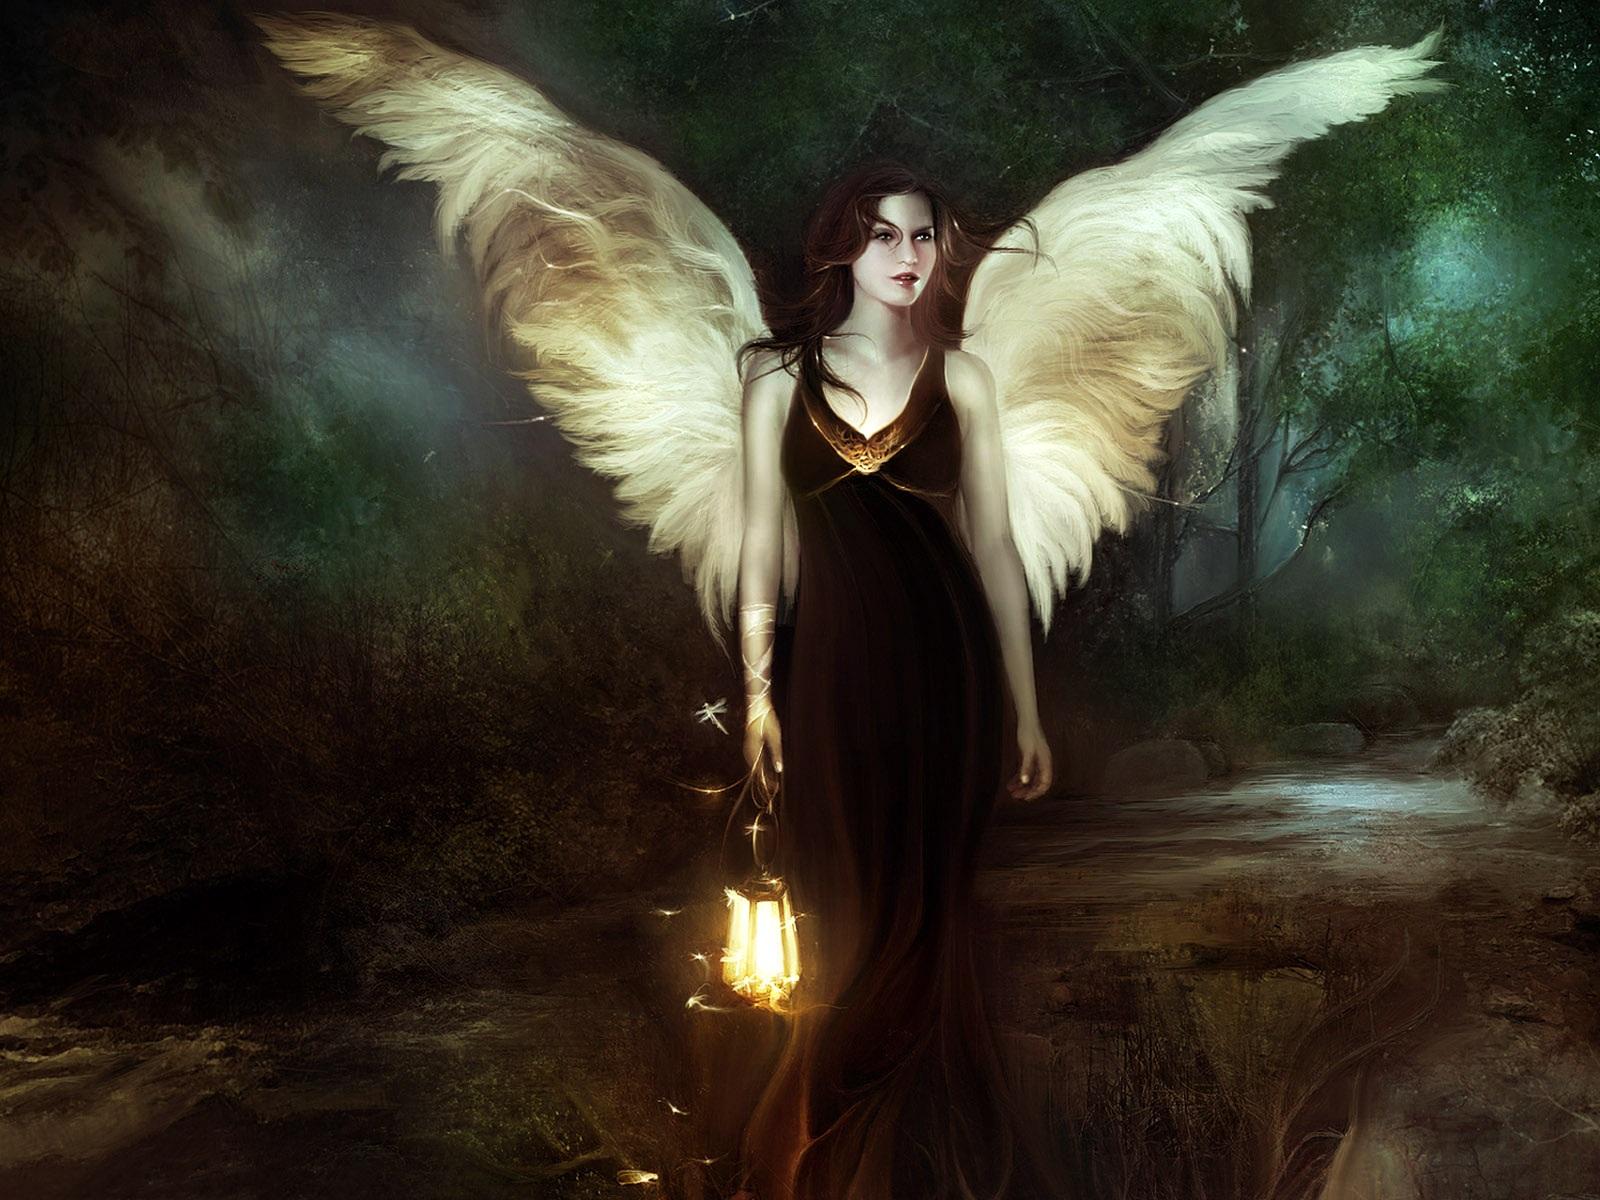 Nacht engel mädchen hintergrundbilder - 1600x1200